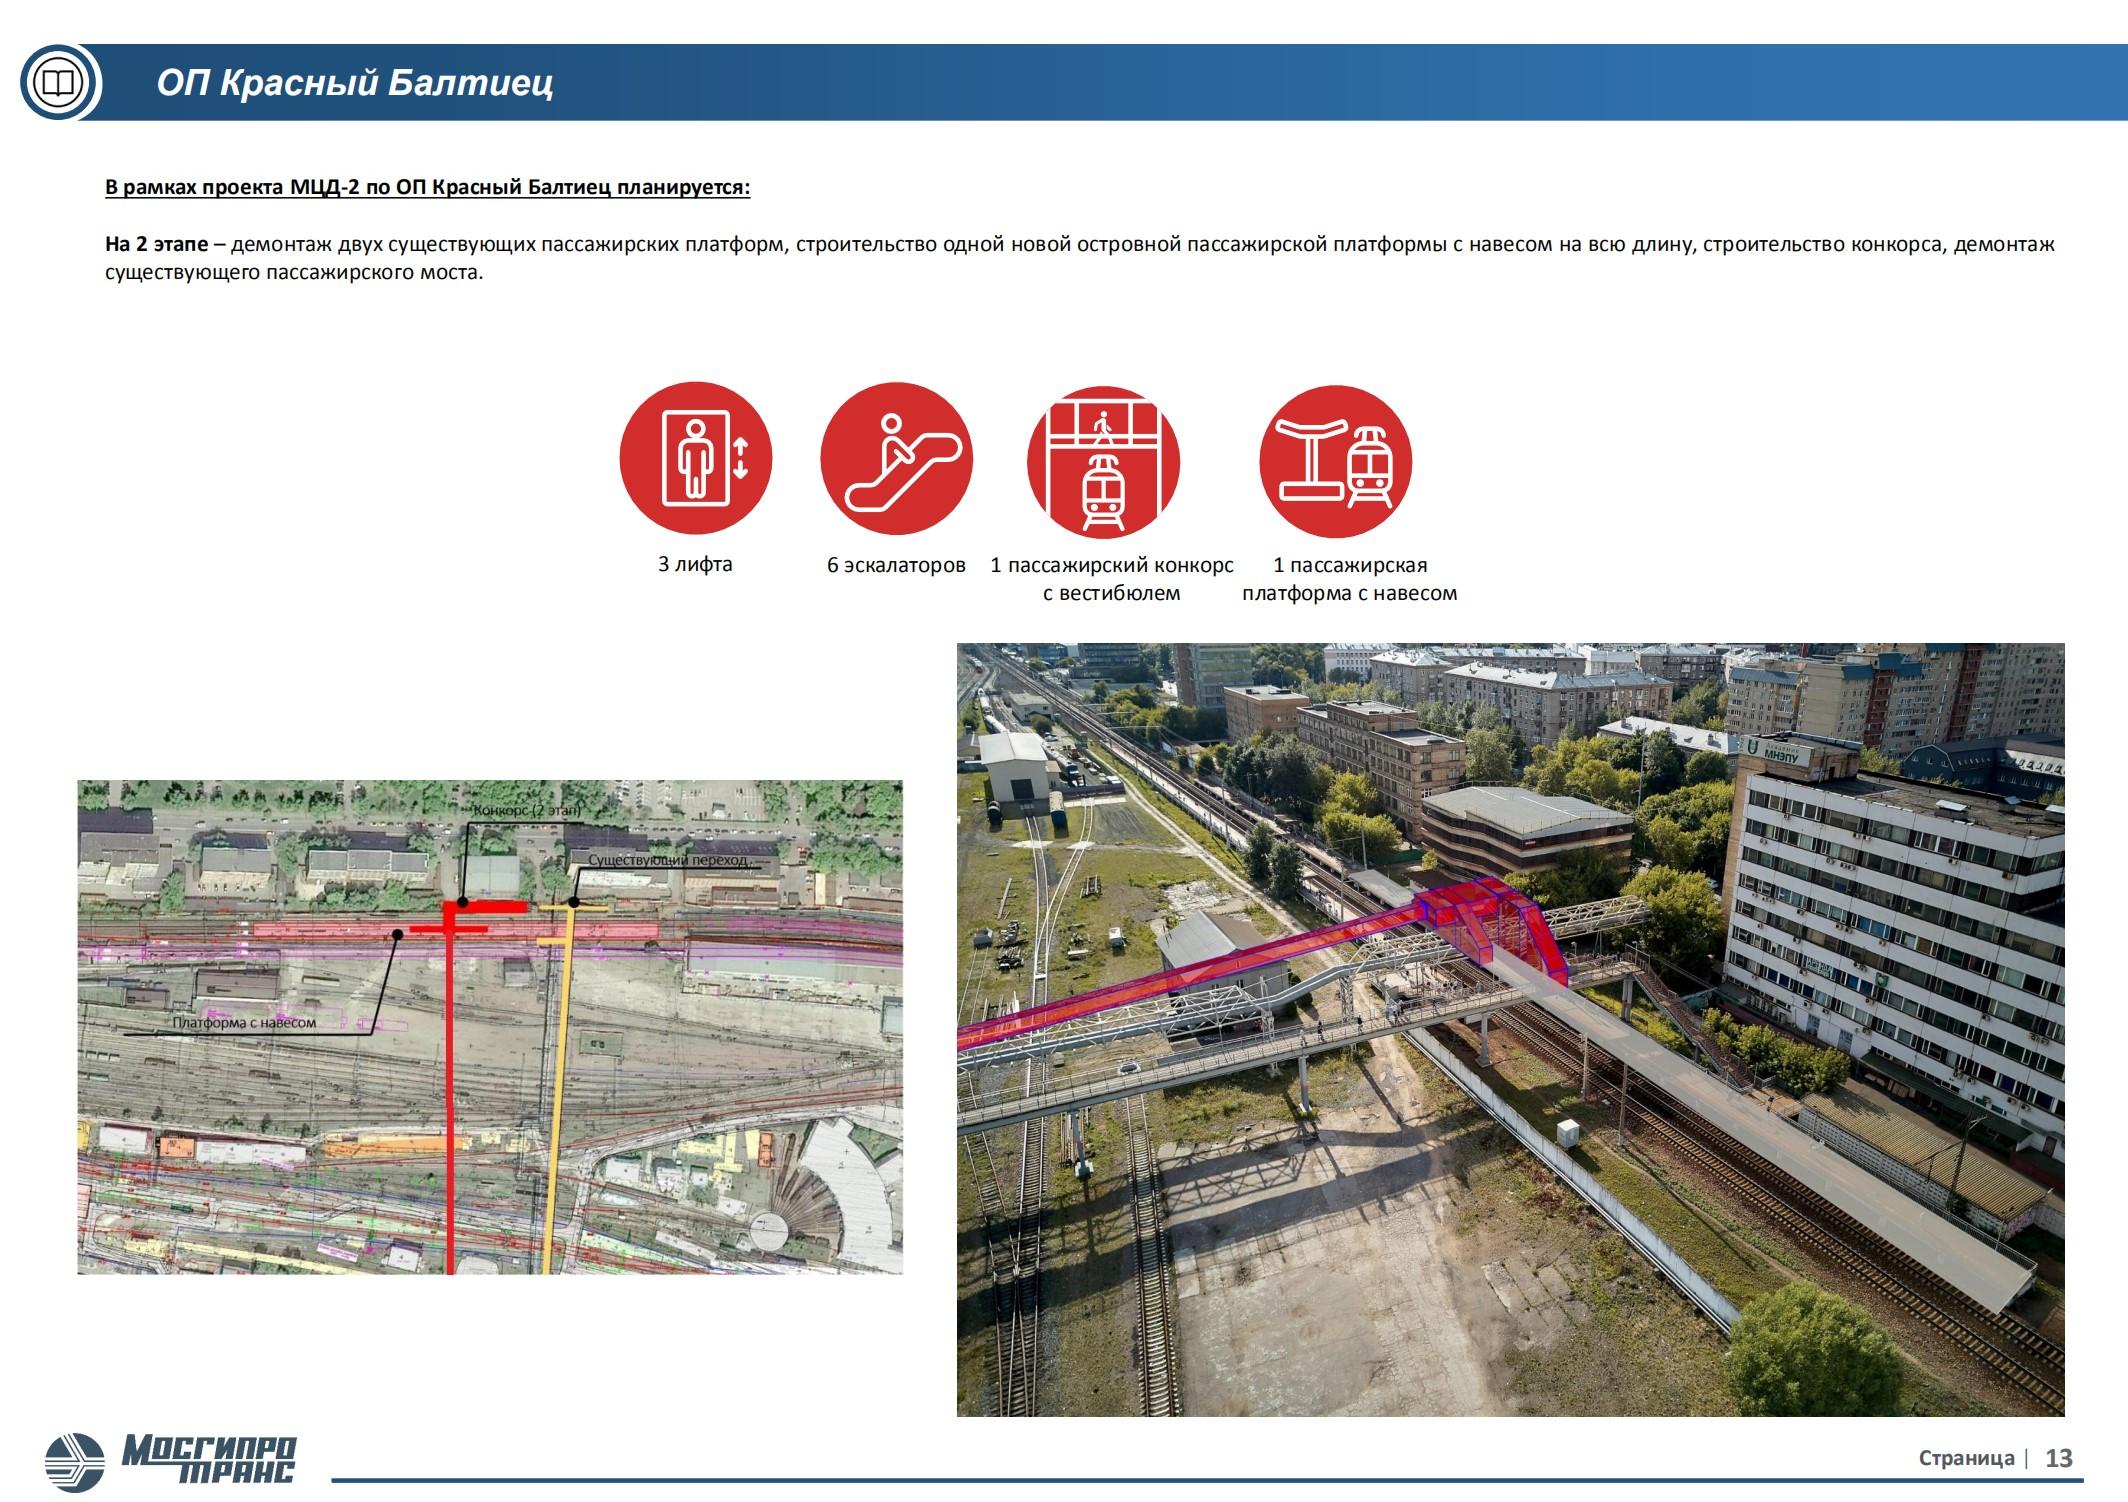 Красный балтиец планы.jpg